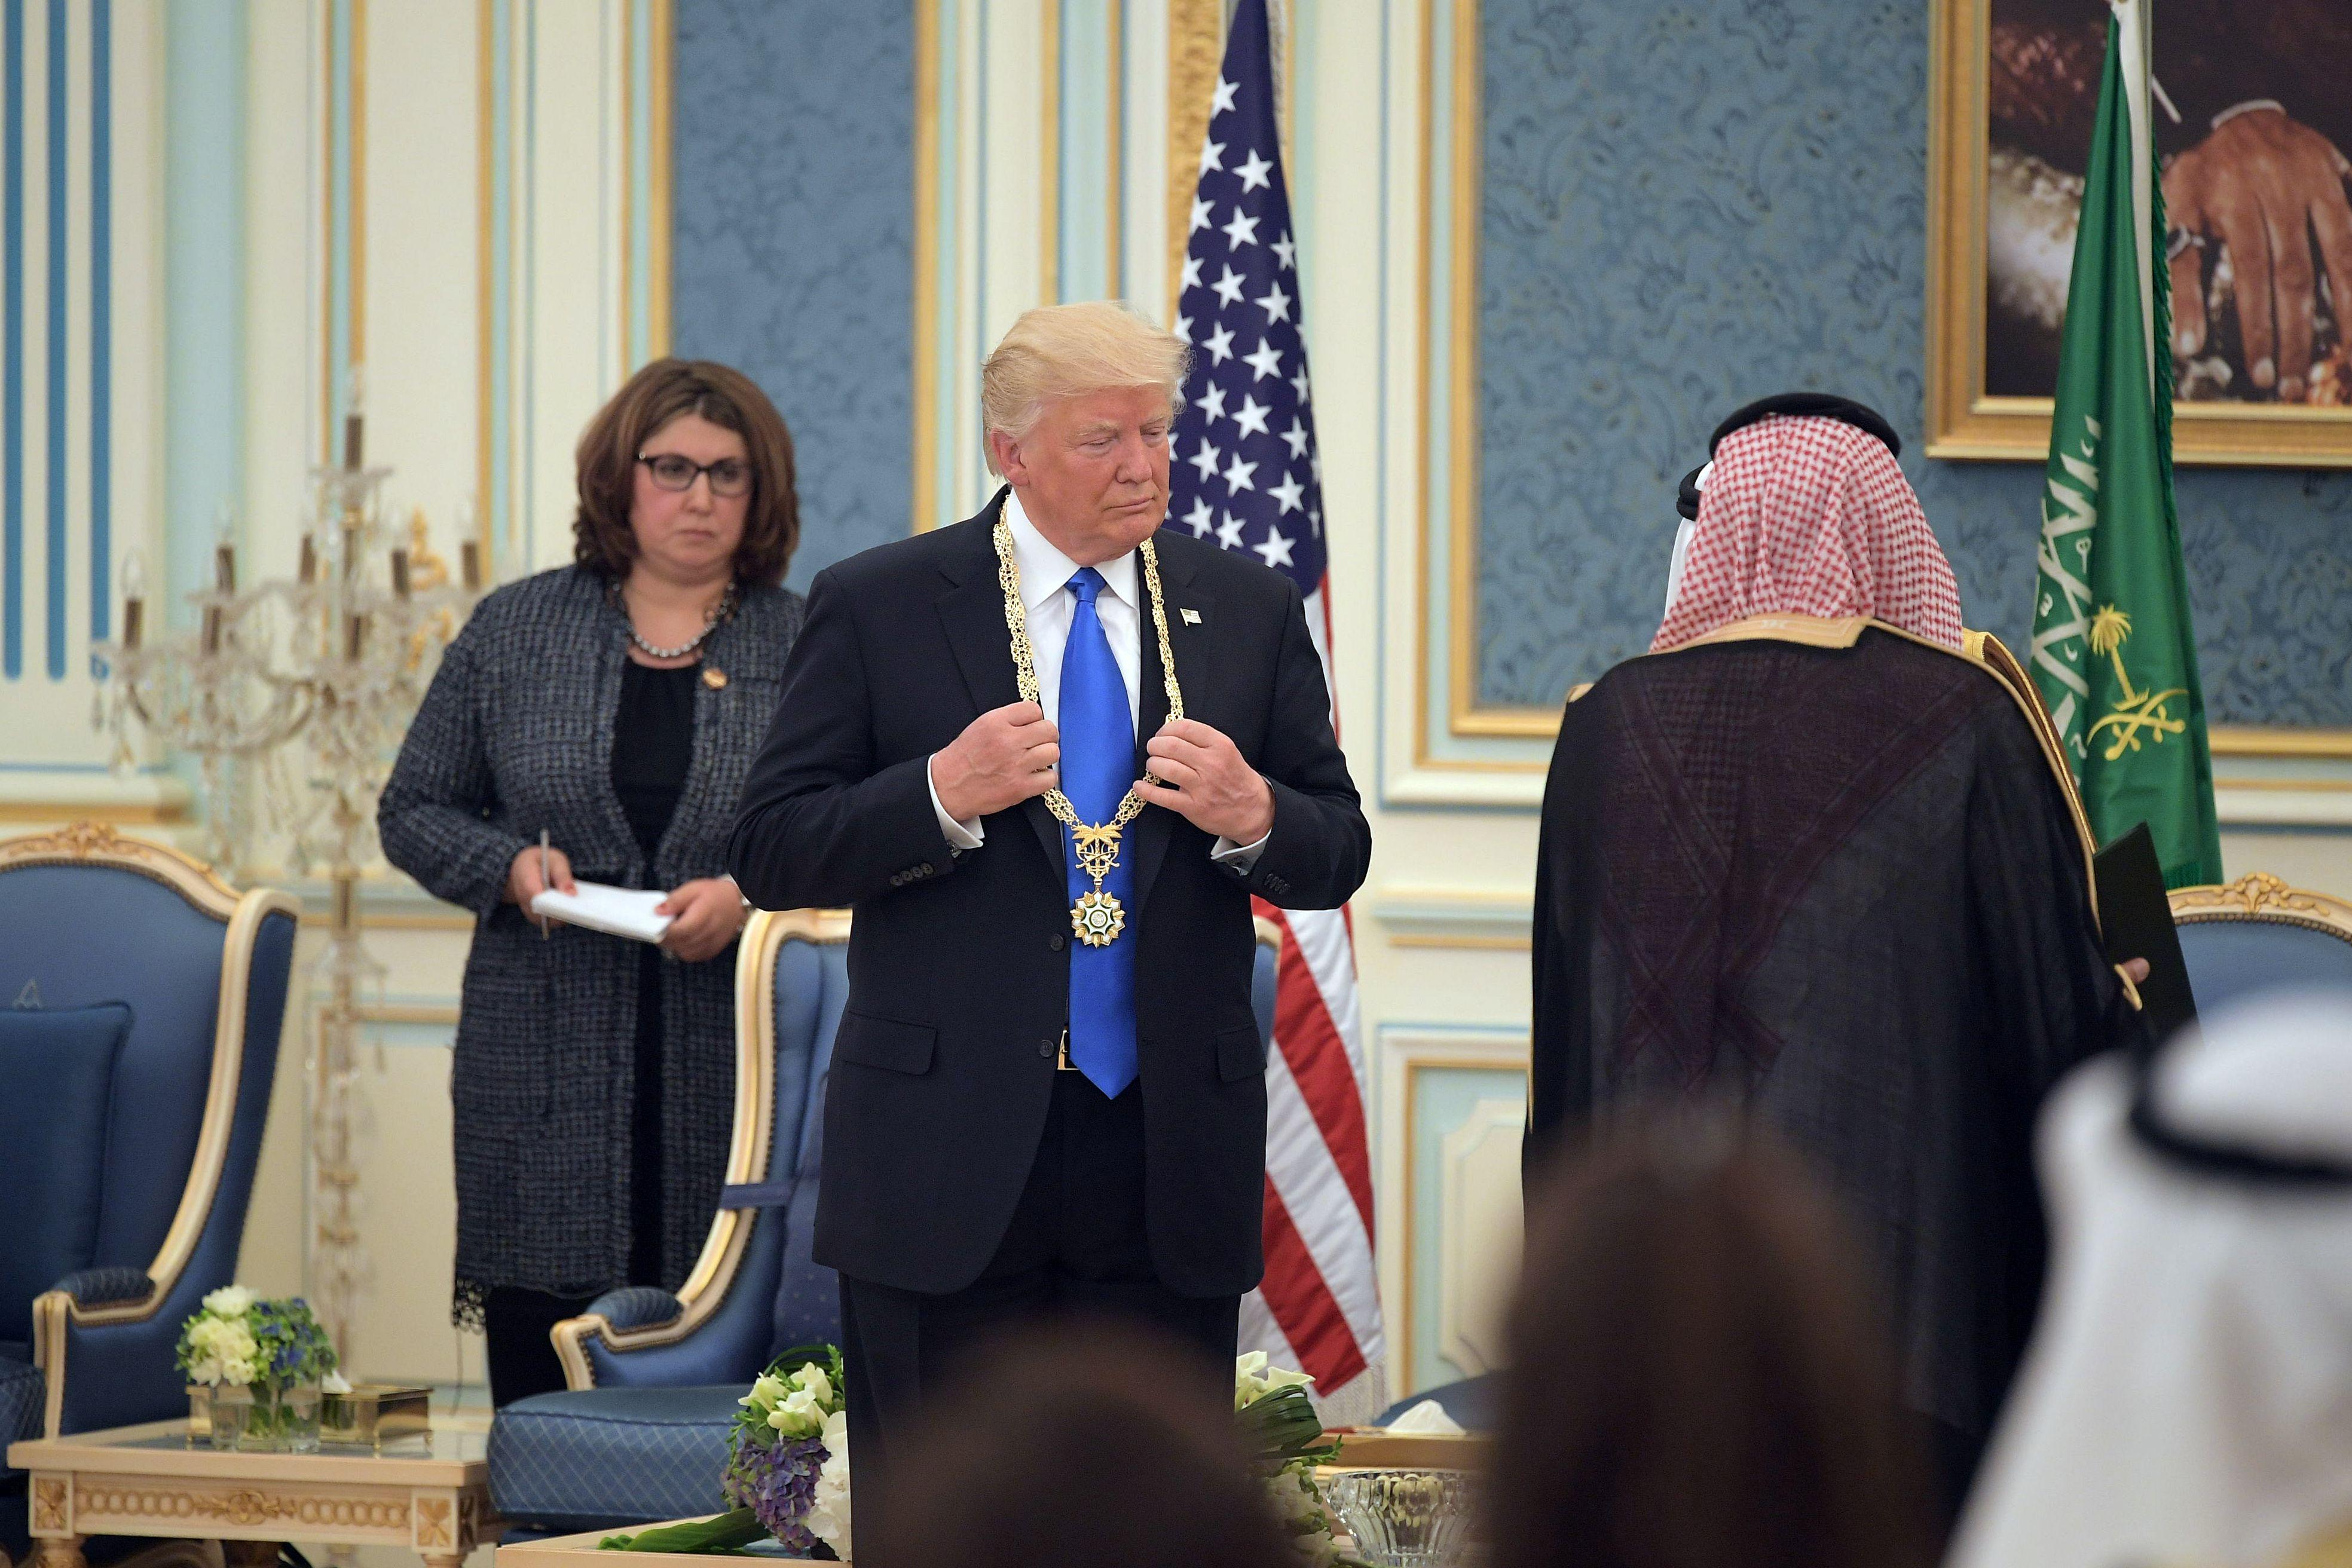 الملك سلمان يمنح ترامب قلادة الملك عبد العزيز